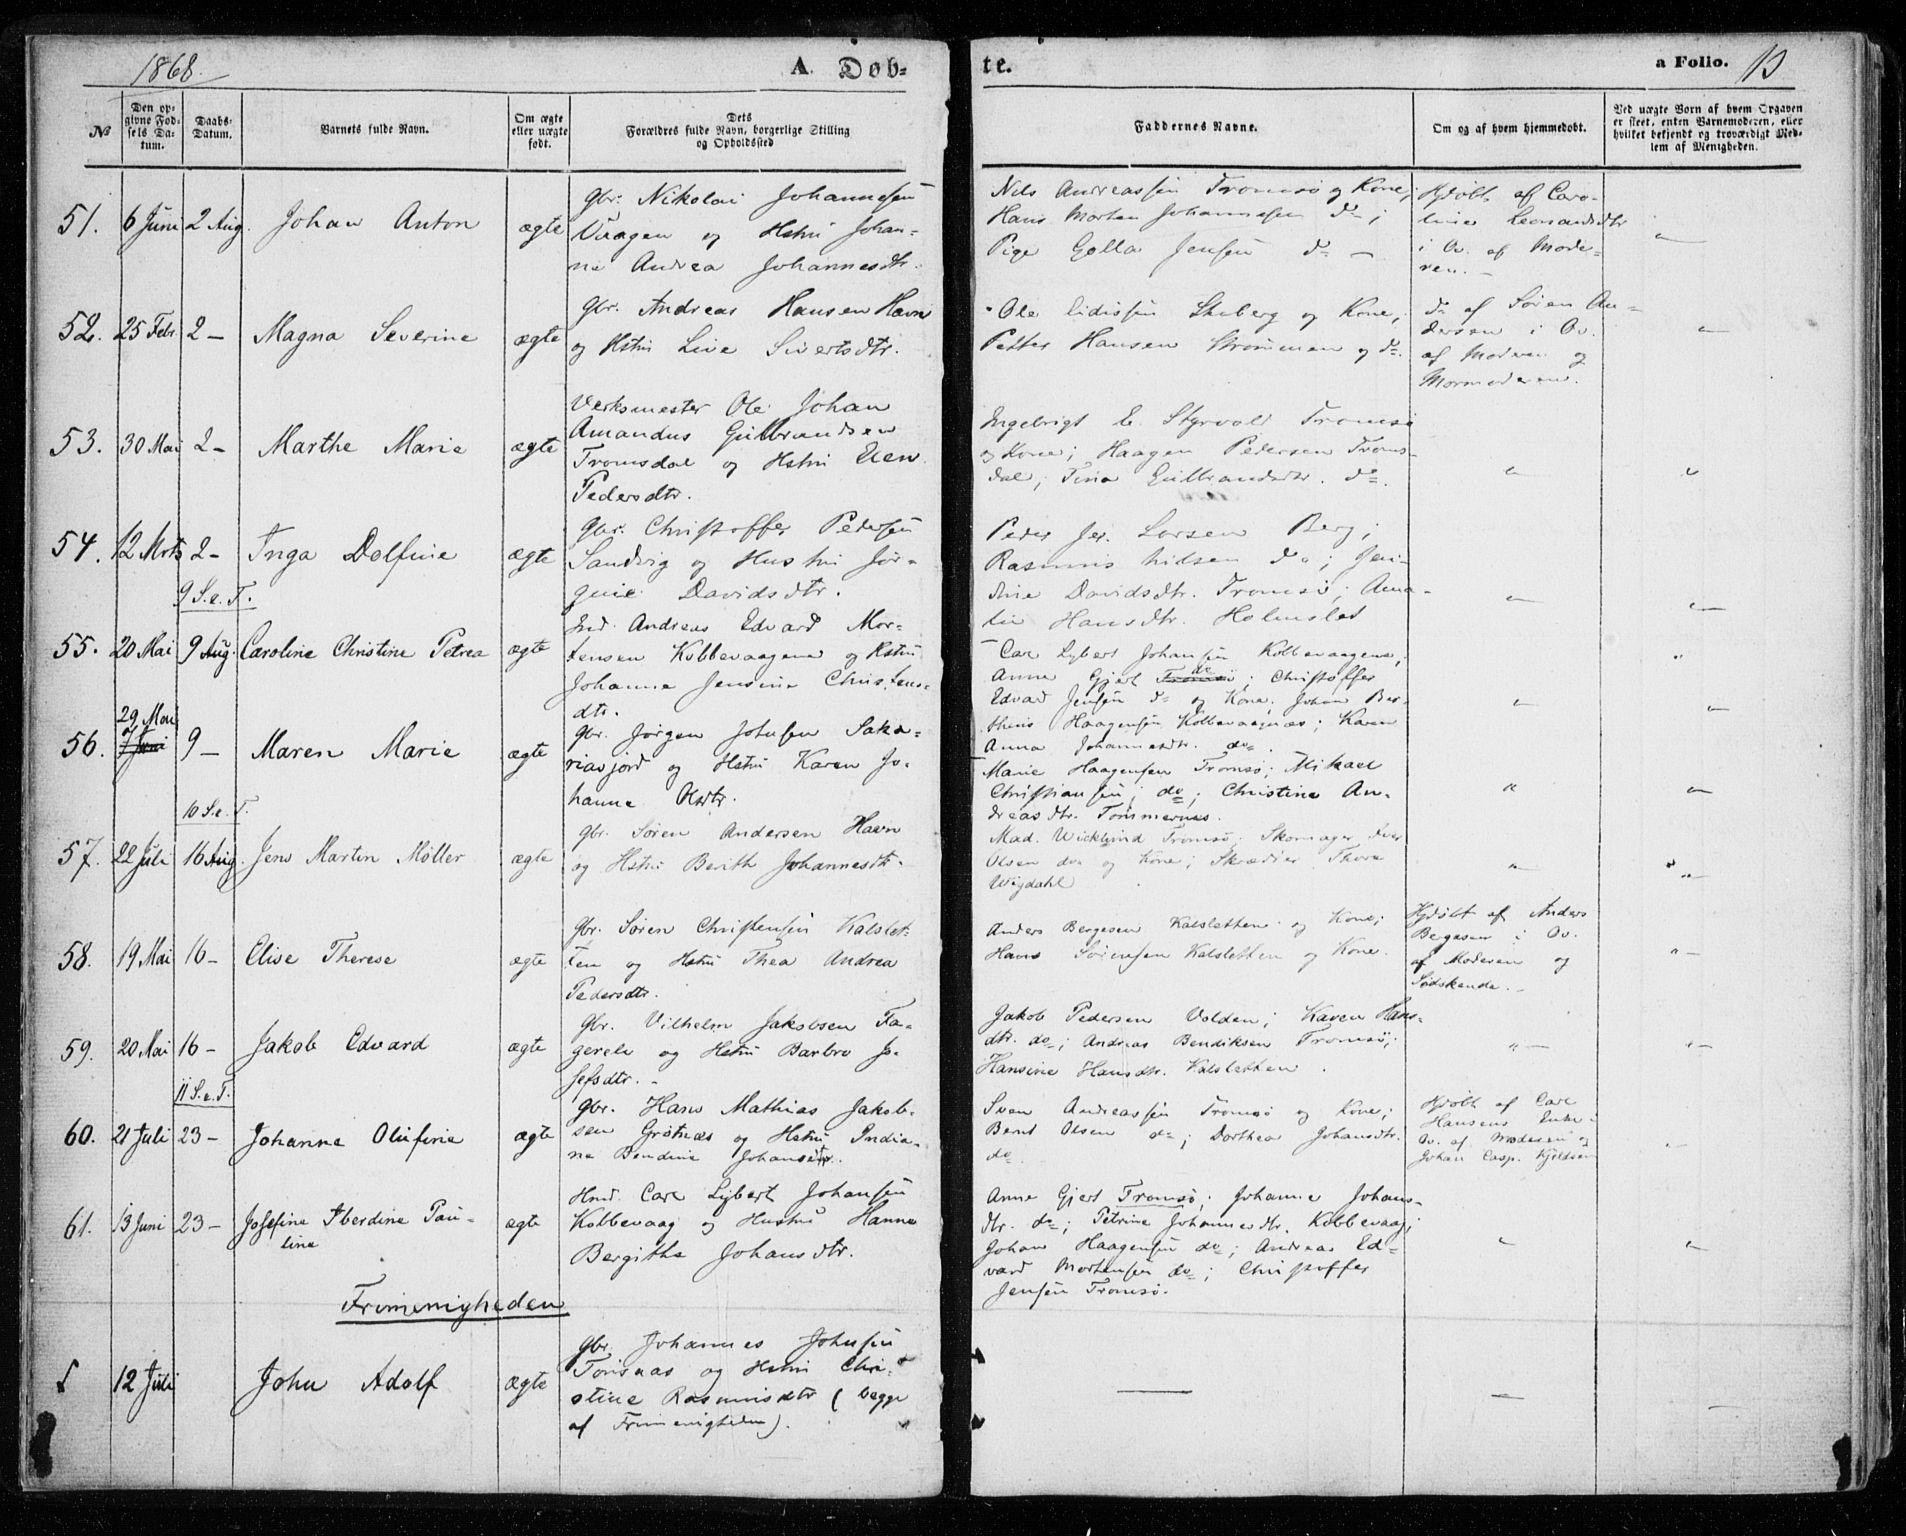 SATØ, Tromsøysund sokneprestkontor, G/Ga/L0002kirke: Ministerialbok nr. 2, 1867-1875, s. 13